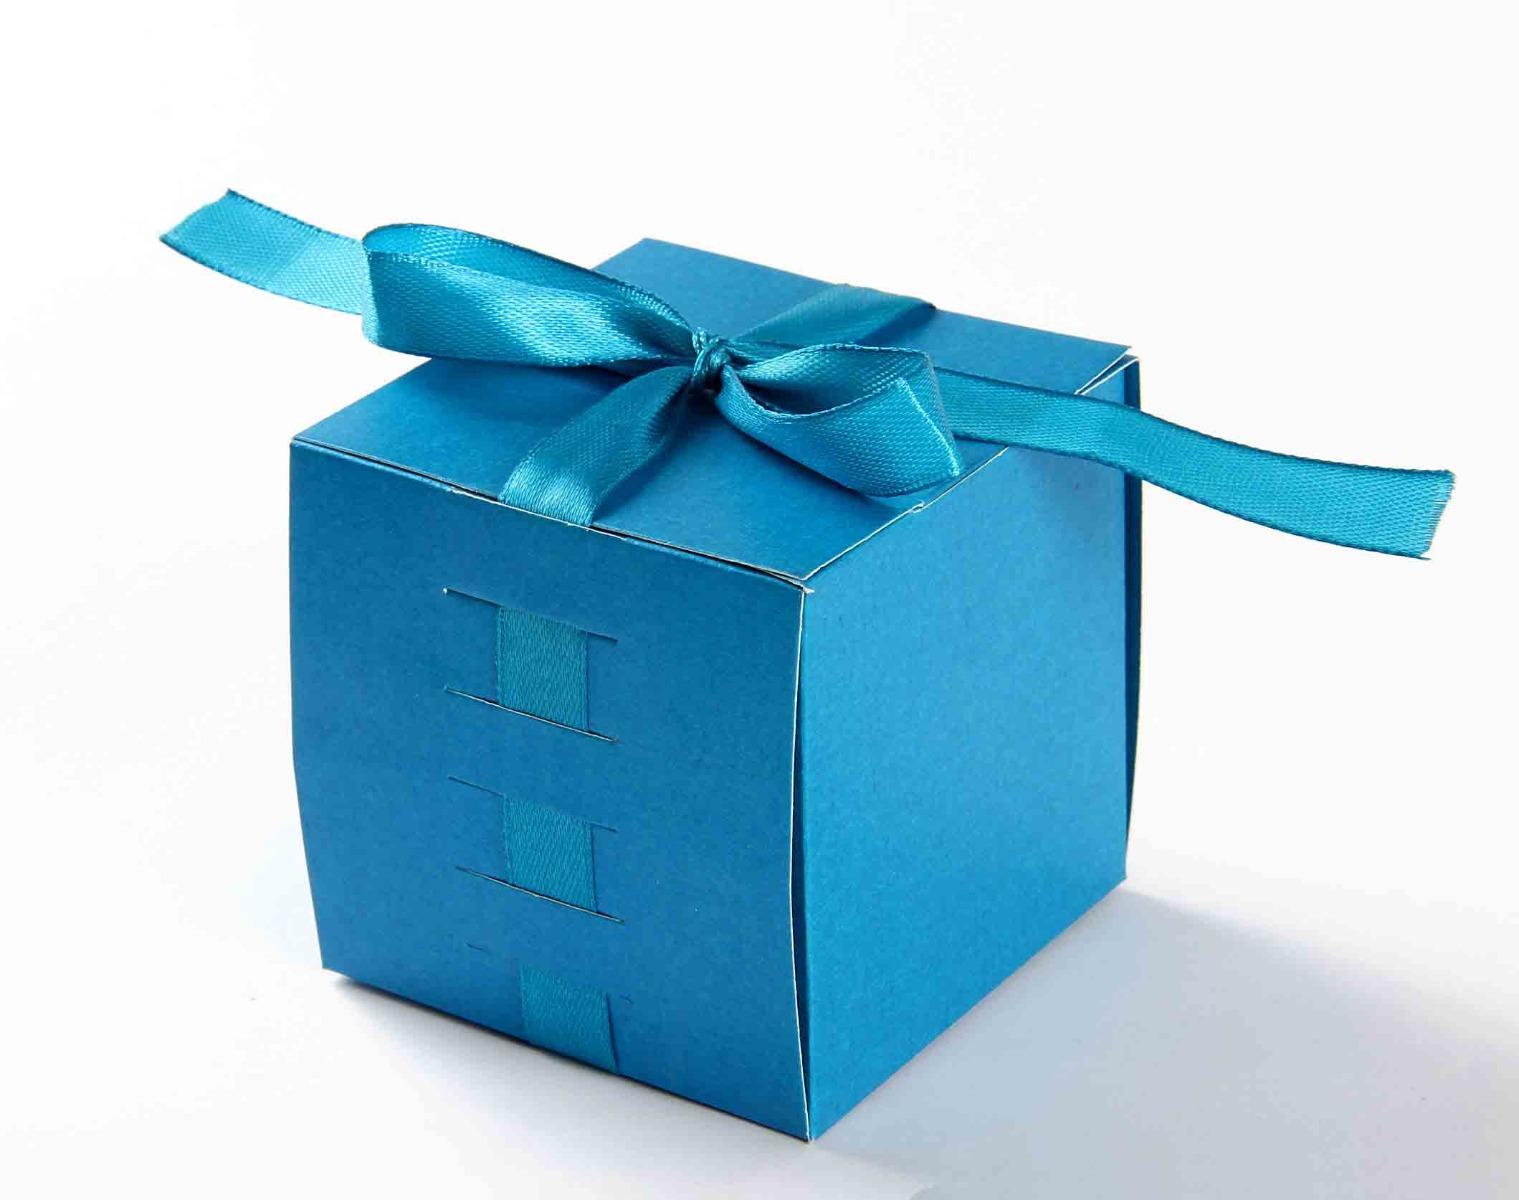 Bow Top Cube Favor Box No 5 - Firoze Blue-8534